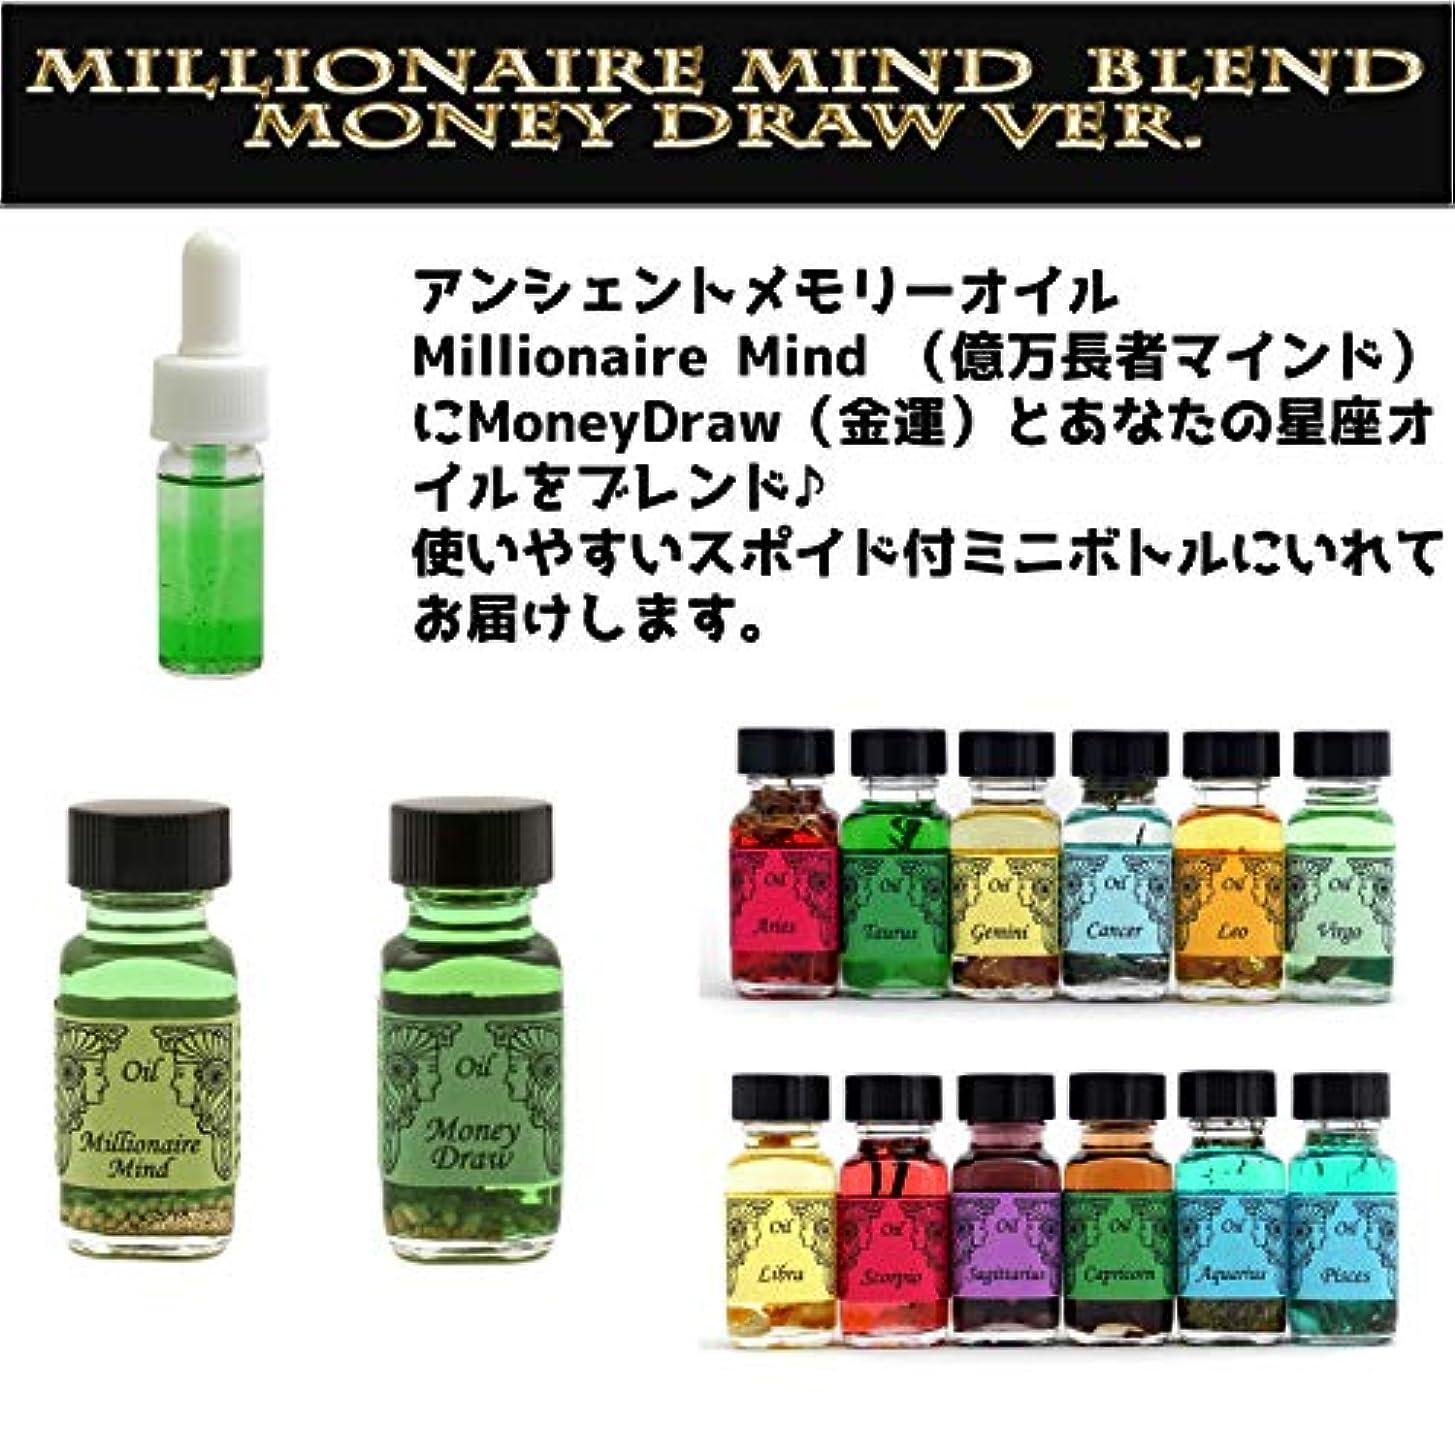 アンシェントメモリーオイル Millionaire Mind 億万長者マインド ブレンド(Money Drawマネードロー(金運)&おとめ座